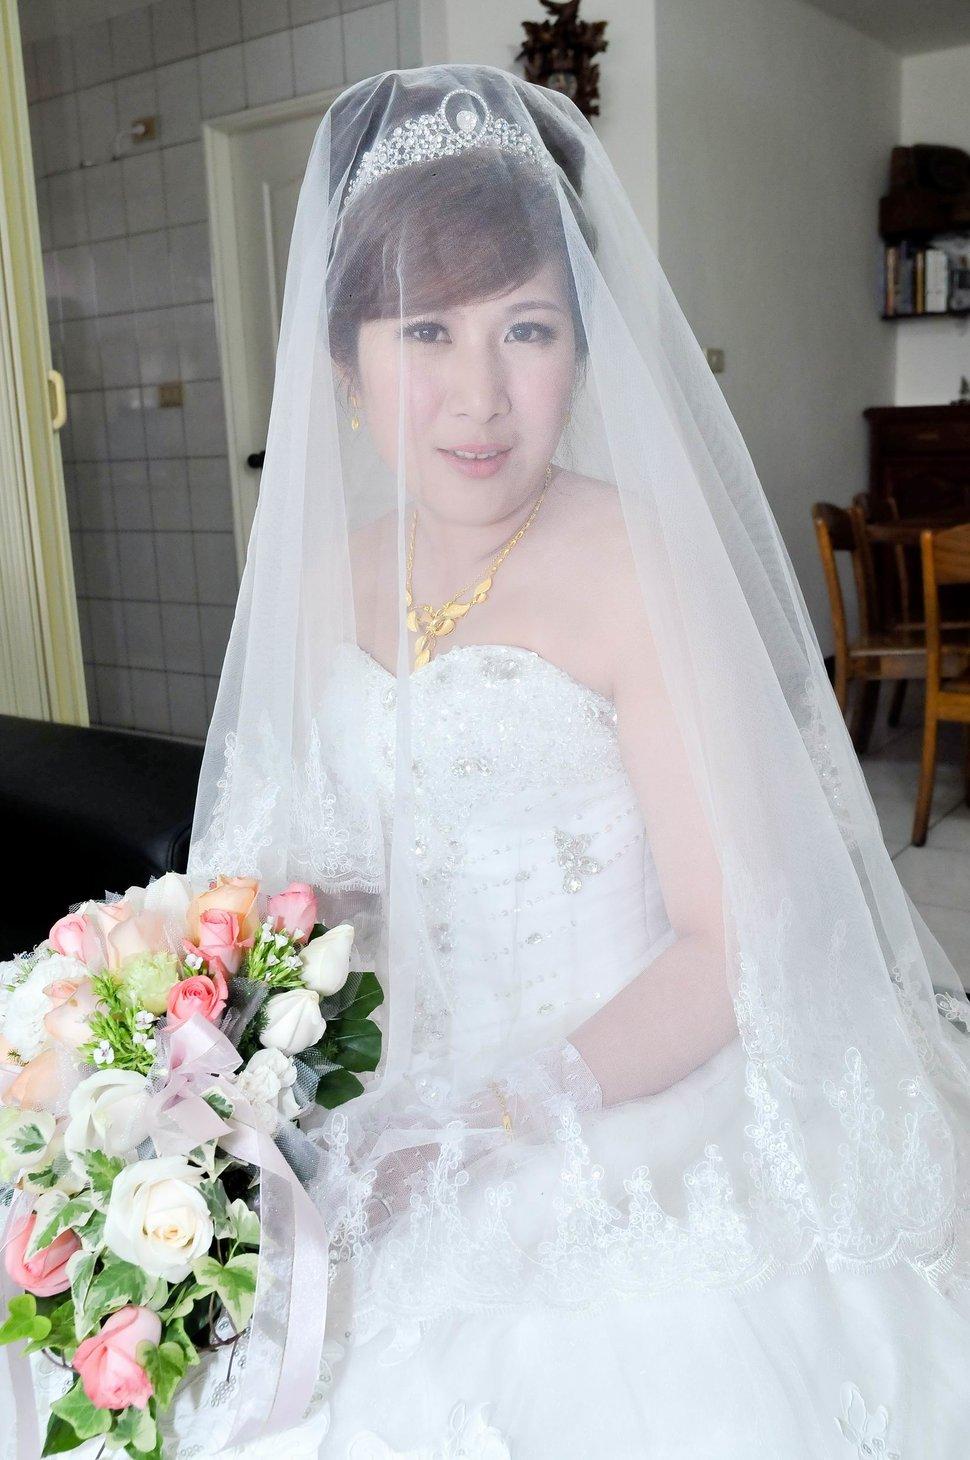 專業婚攝婚禮紀錄婚禮紀錄專業錄影婚禮錄影婚禮記錄動態微電影錄影專業錄影平面攝影婚攝婚禮主持人(編號:280460) - 蜜月拍照10800錄影12800攝影團隊 - 結婚吧